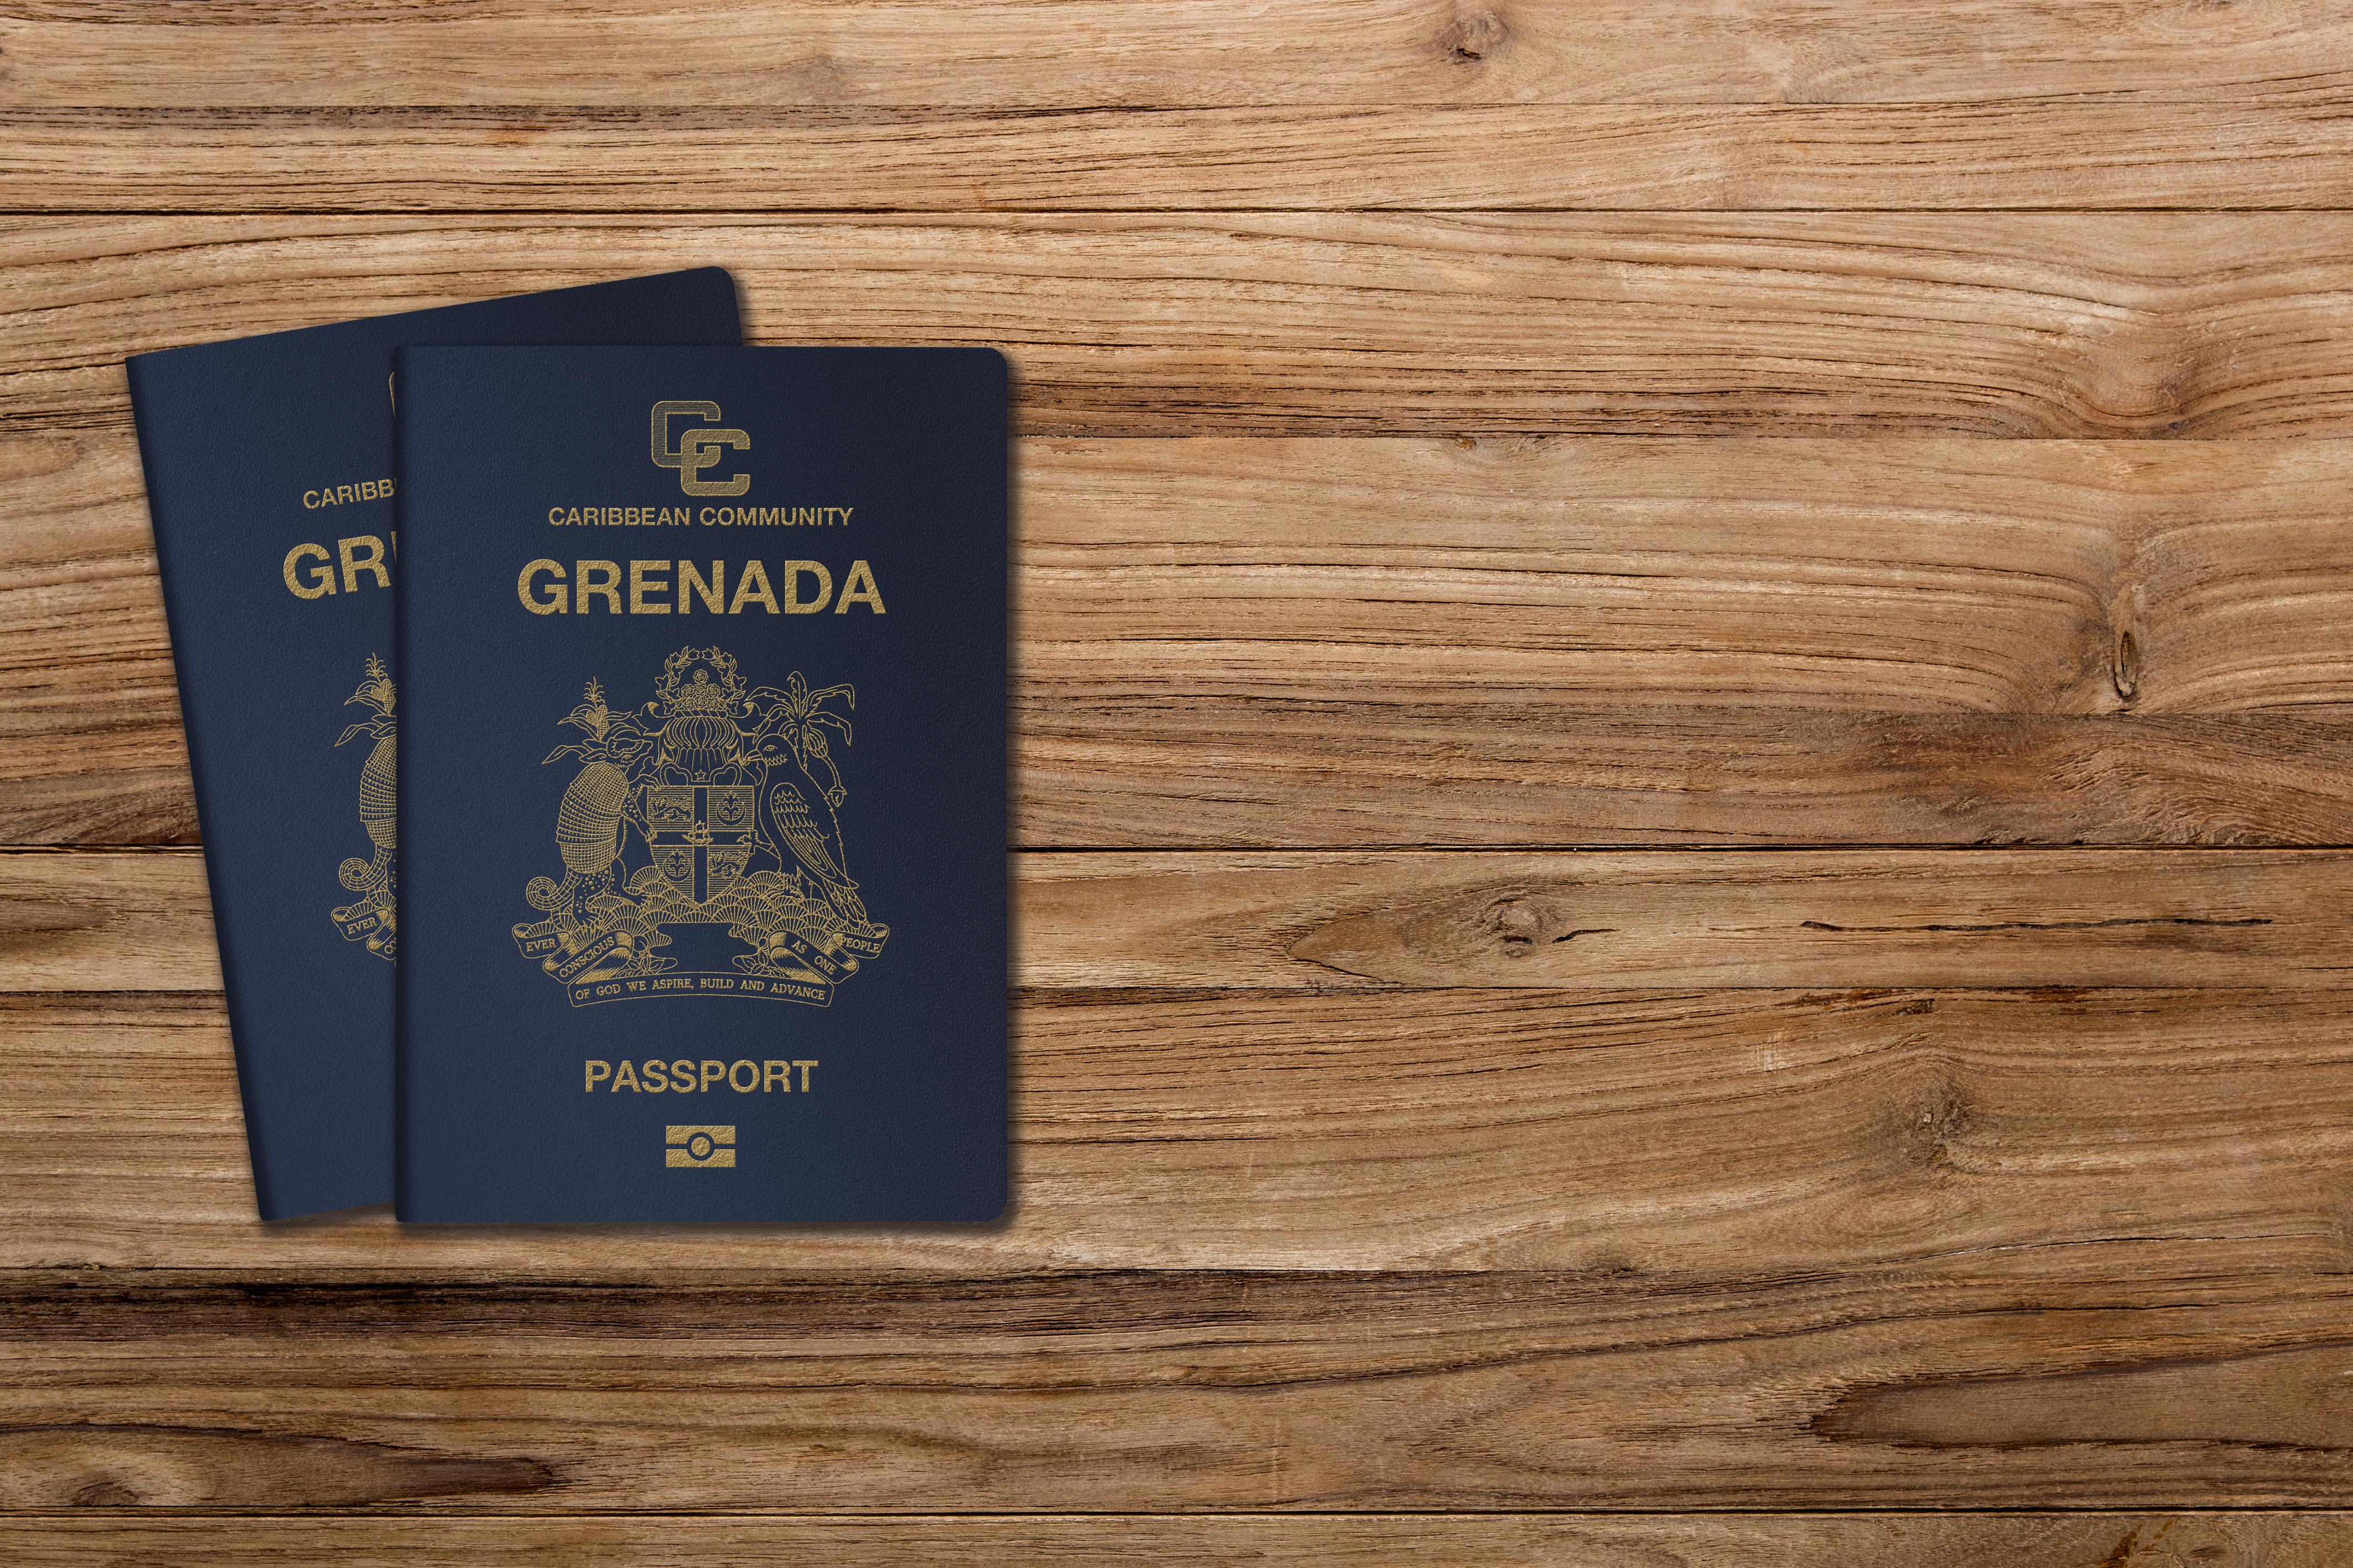 Паспорта Гренады, гражданство которой могут получить россияне, украинцы и белорусы